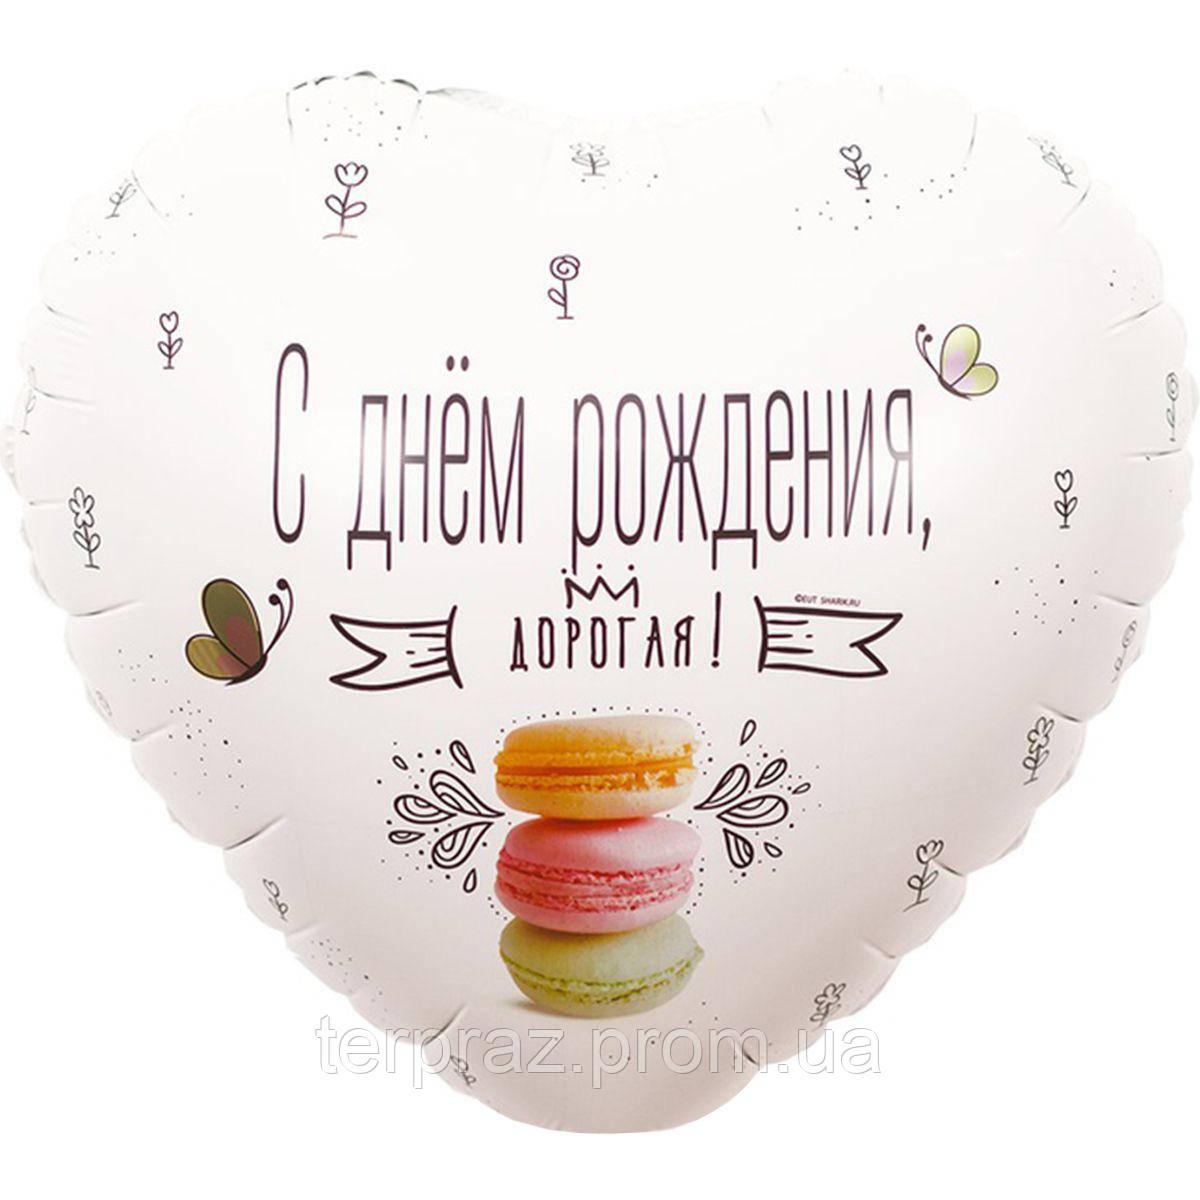 """Фольгированные шары с рисунком 18"""" рус др дорогая macaron"""